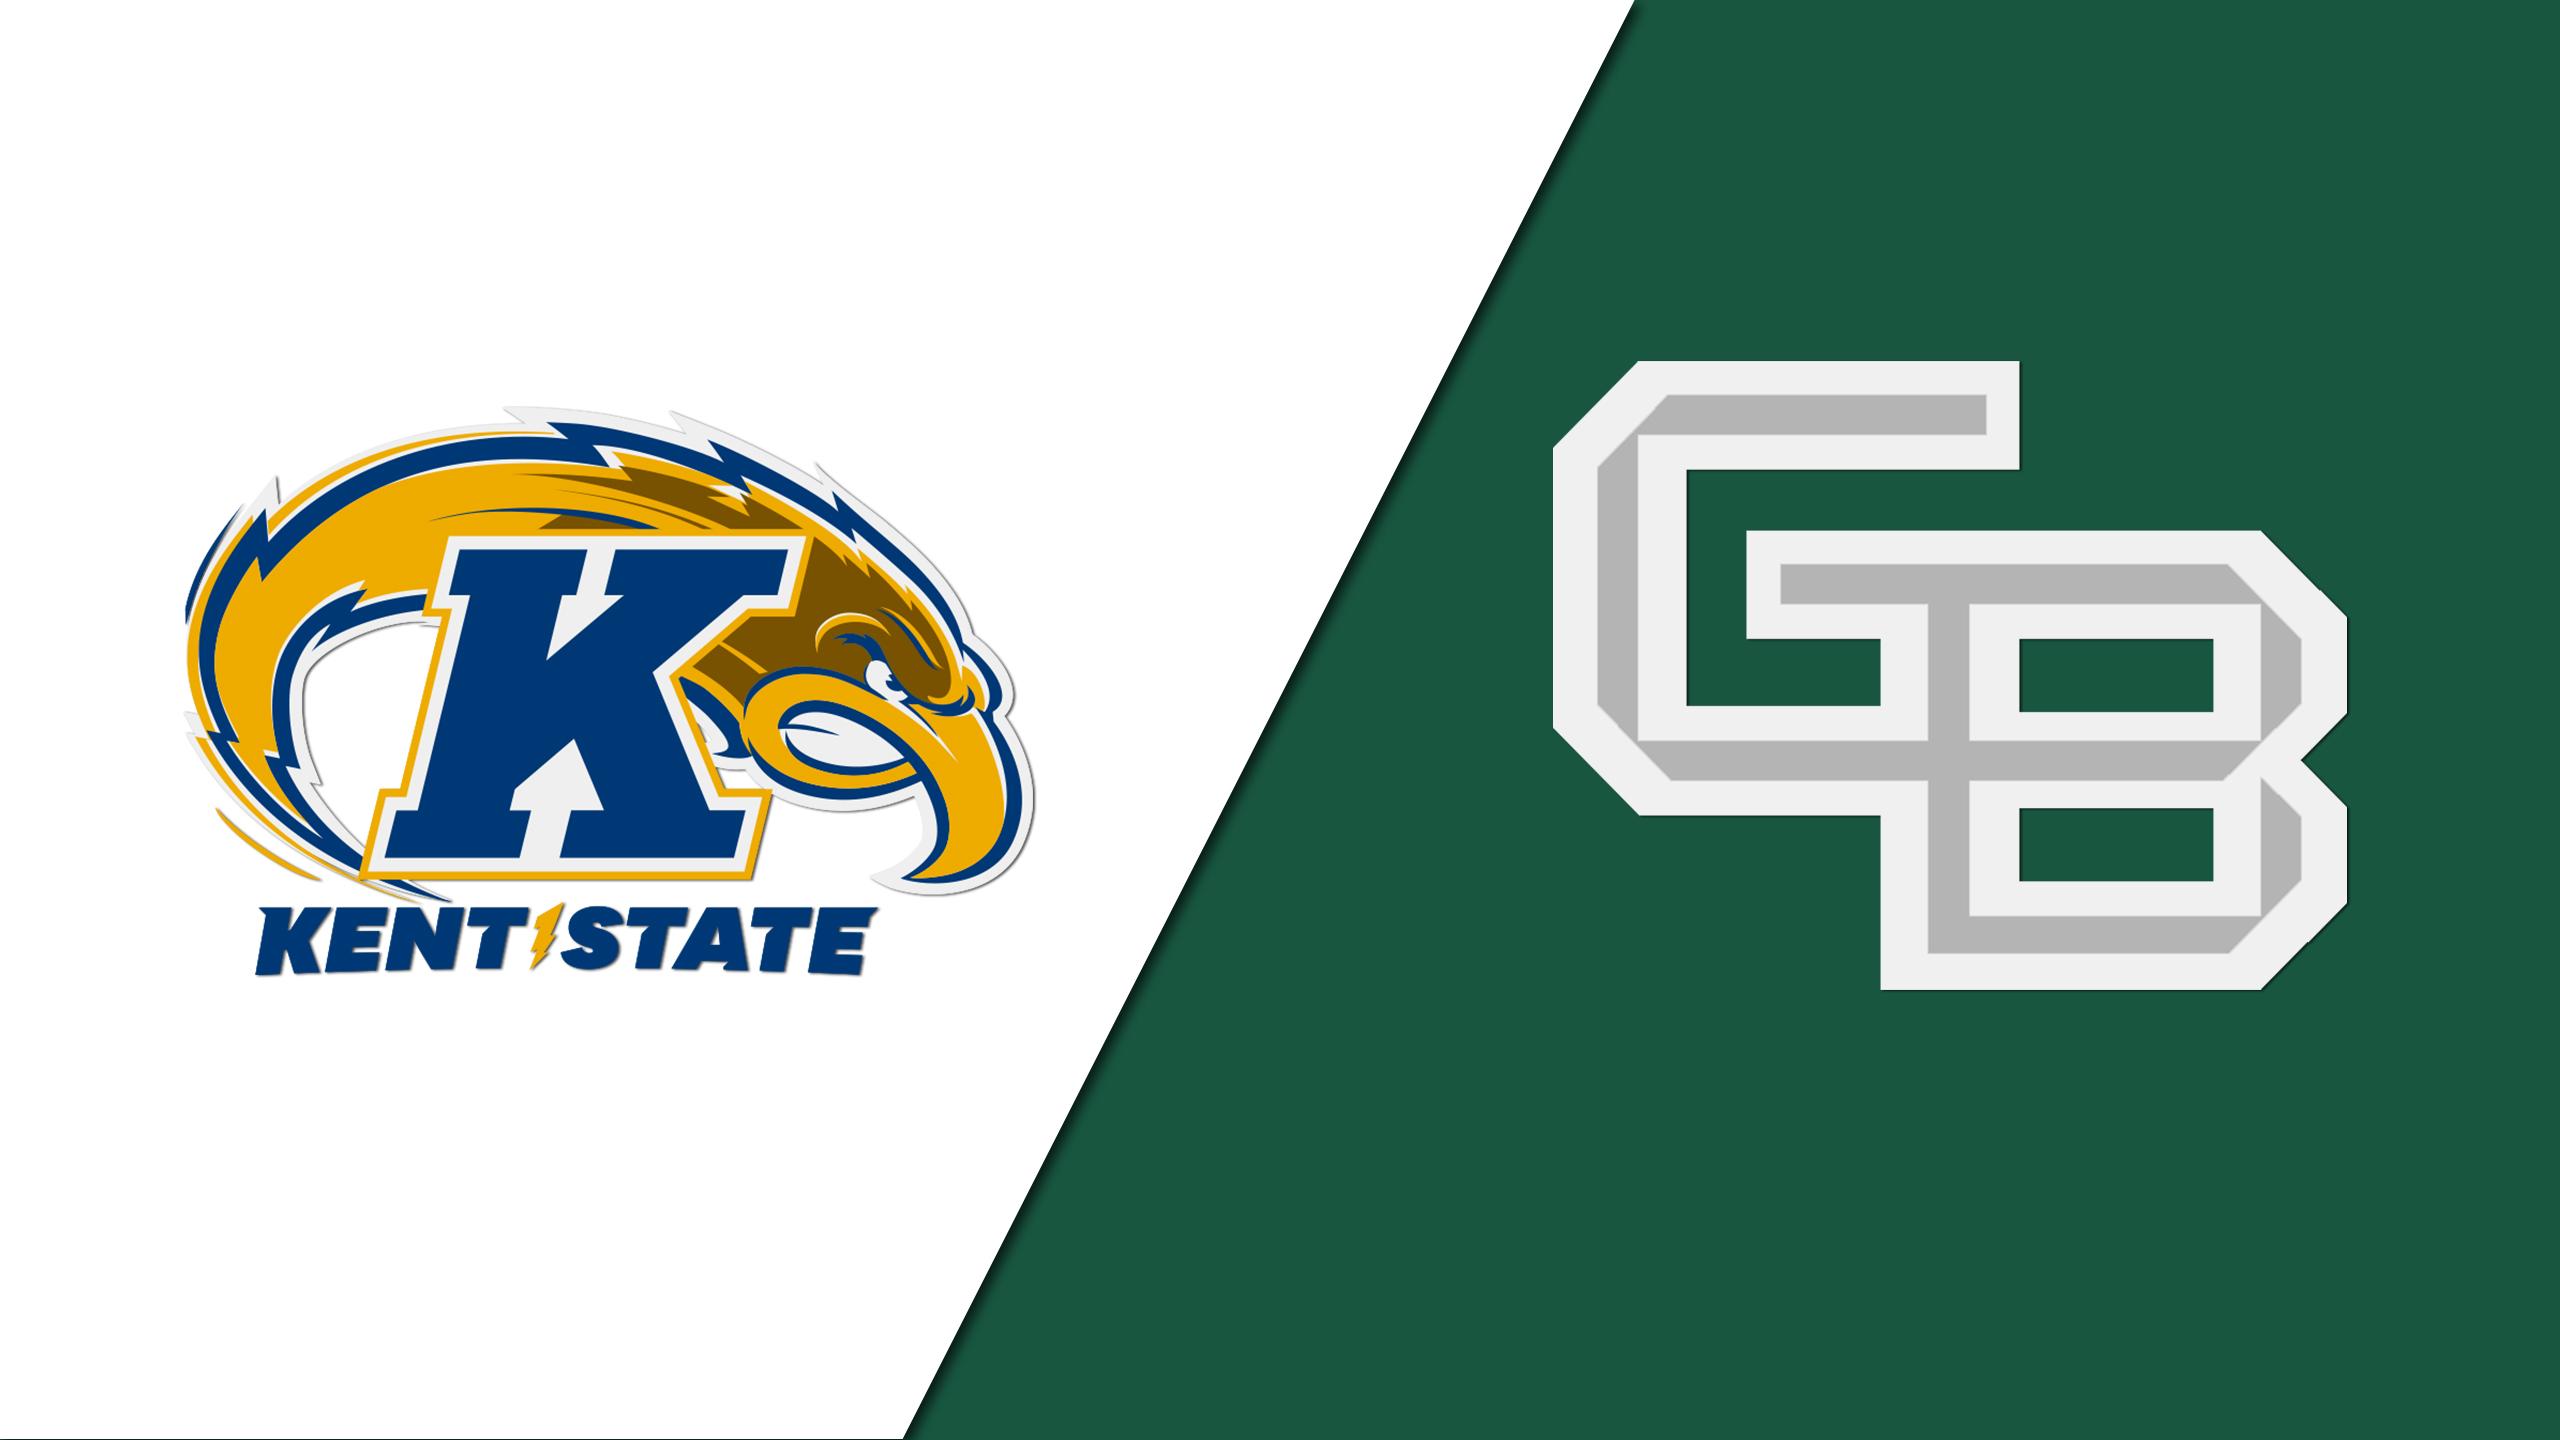 Kent State vs. Green Bay (Women's NIT)